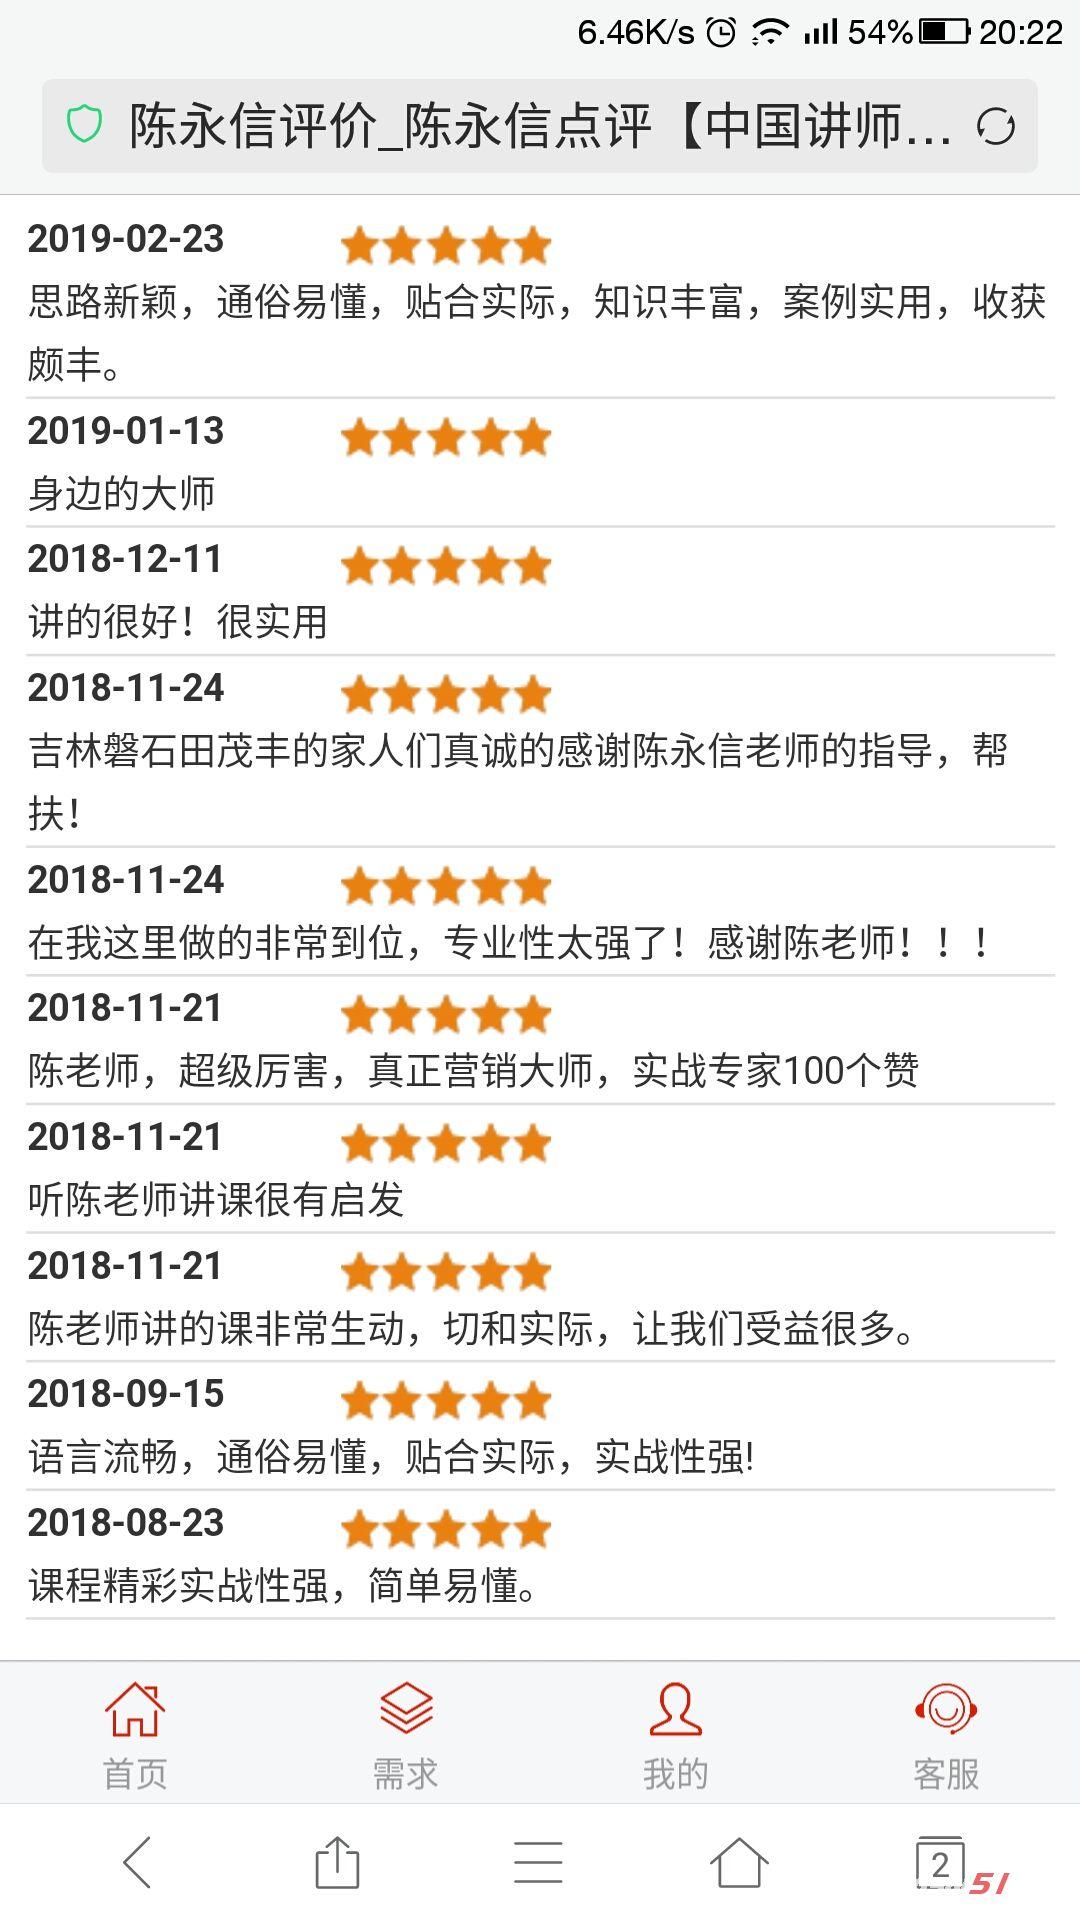 陈永信老师课程评价